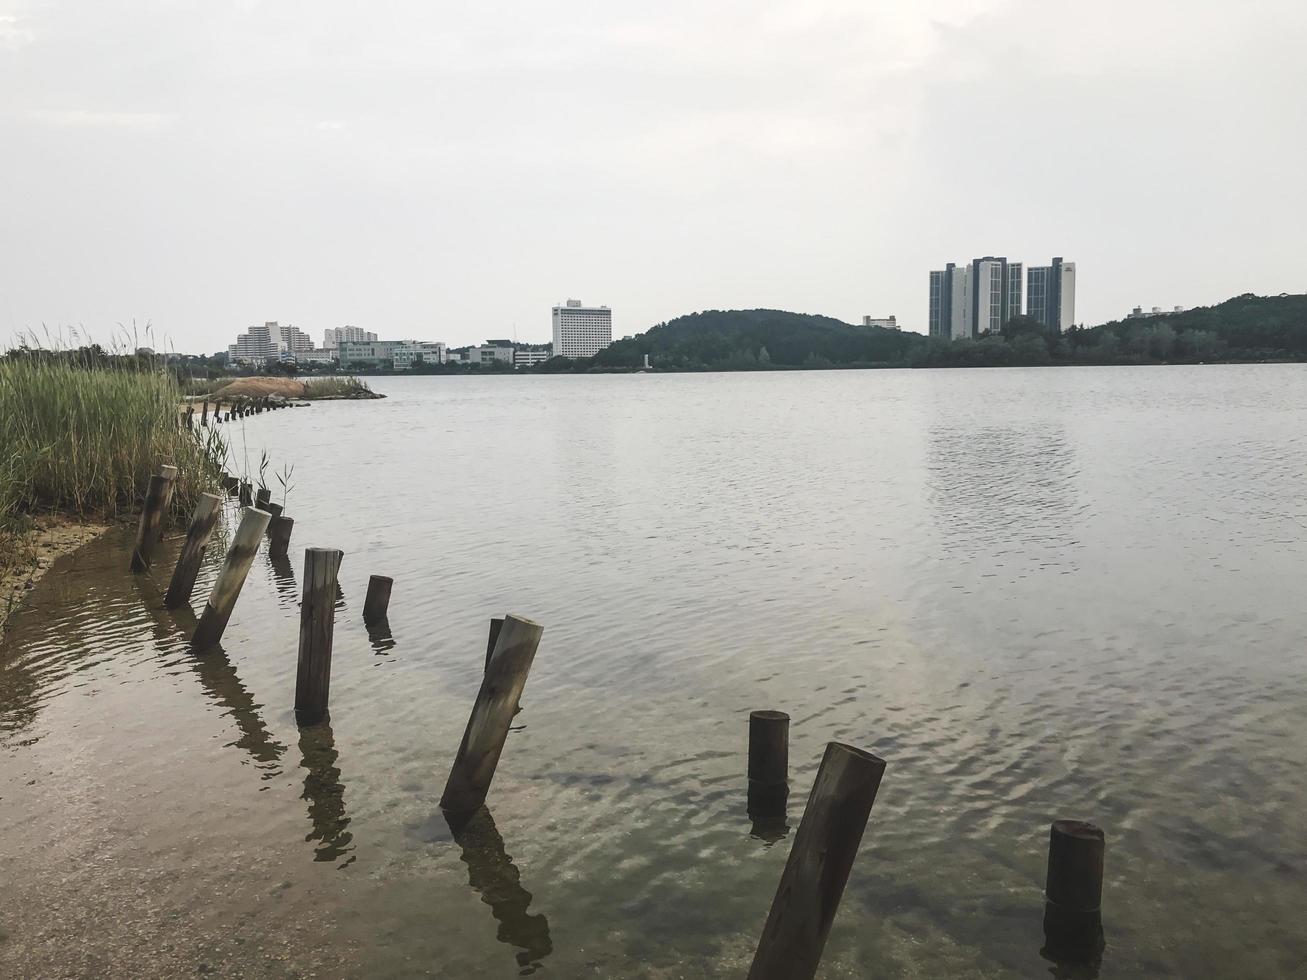 la vue sur un lac dans la ville de sokcho, corée du sud photo